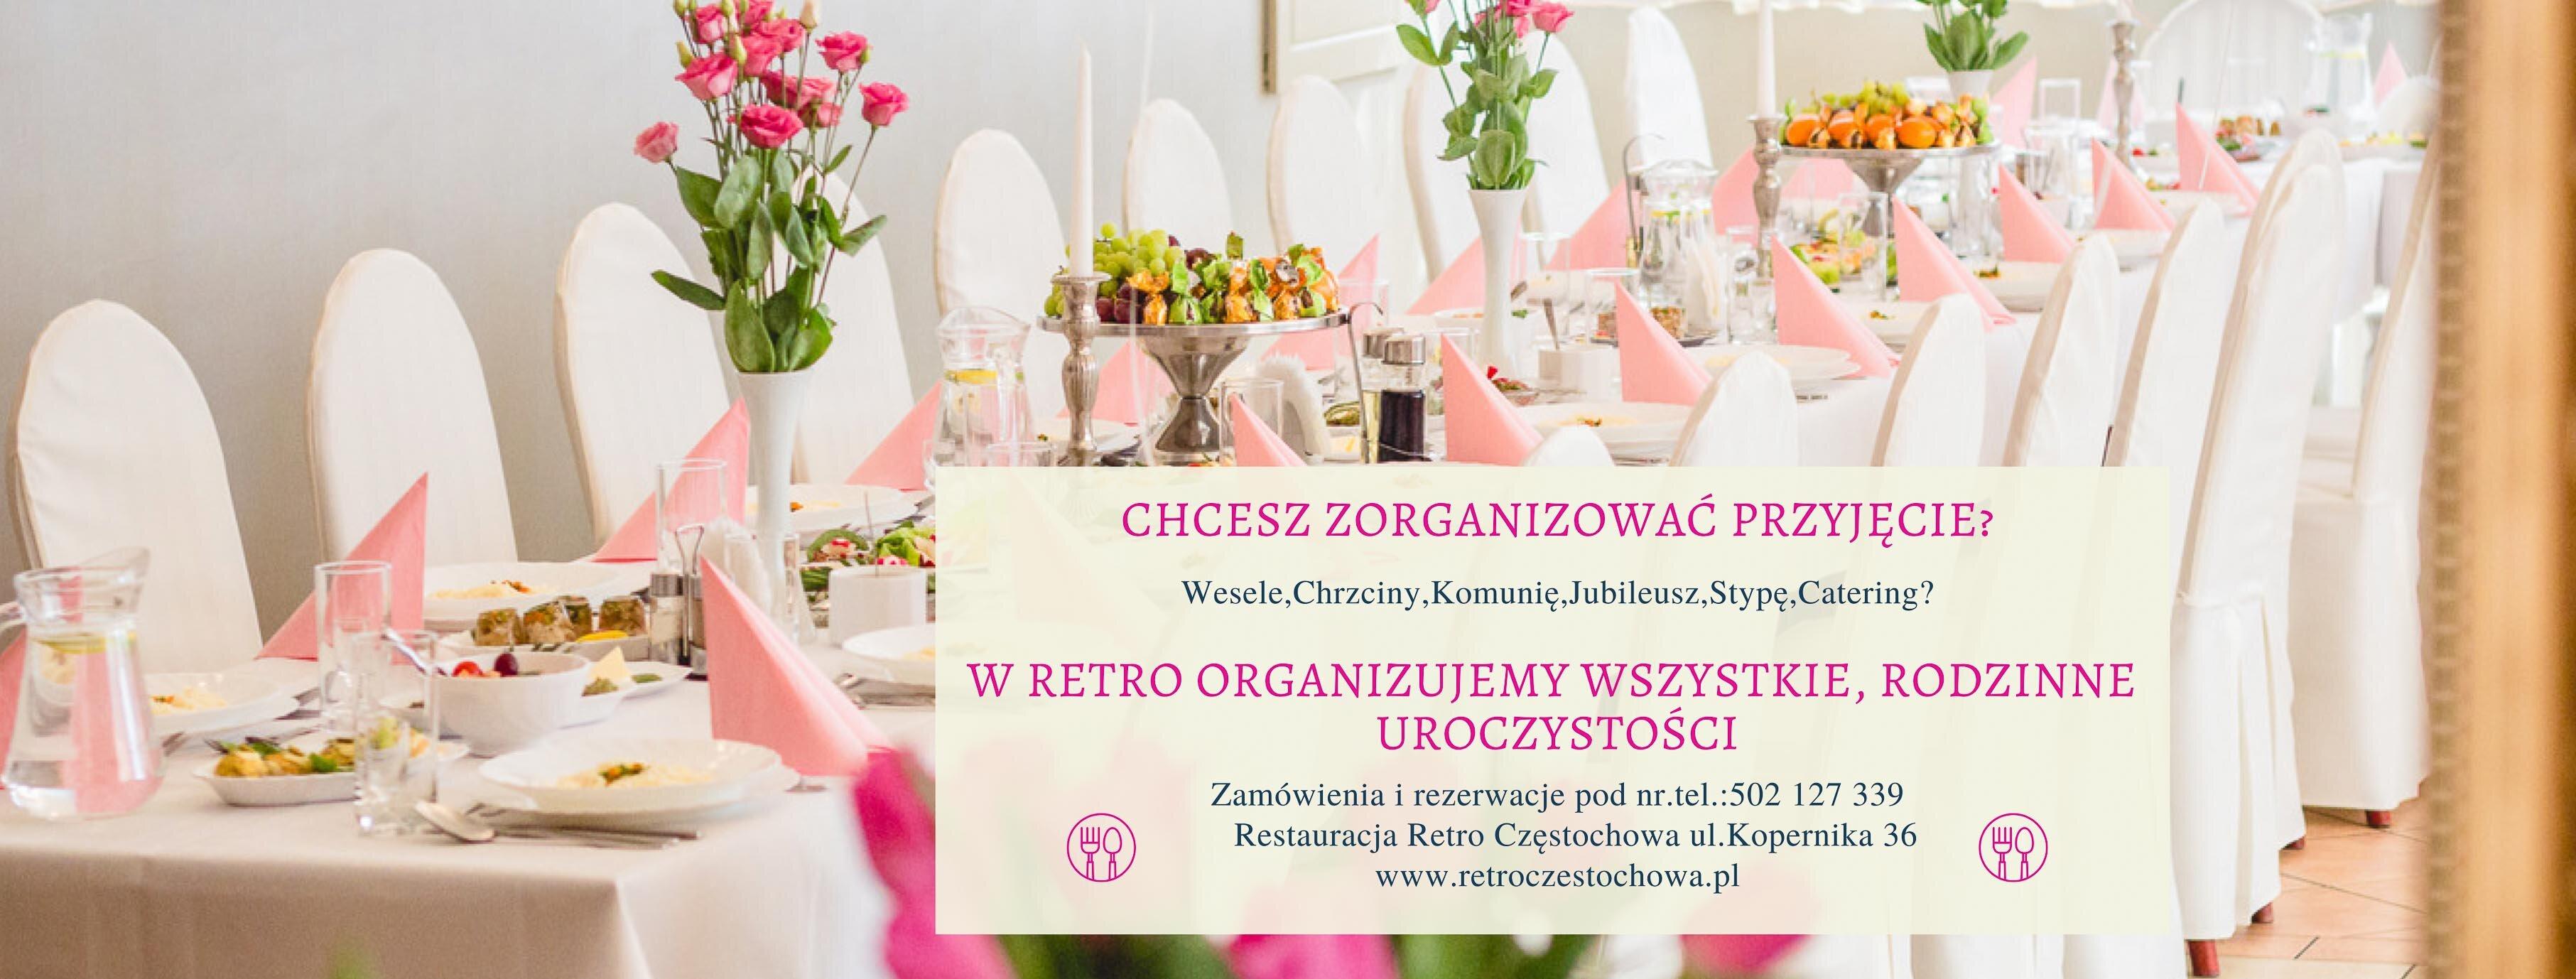 Restauracja Retro Częstochowa